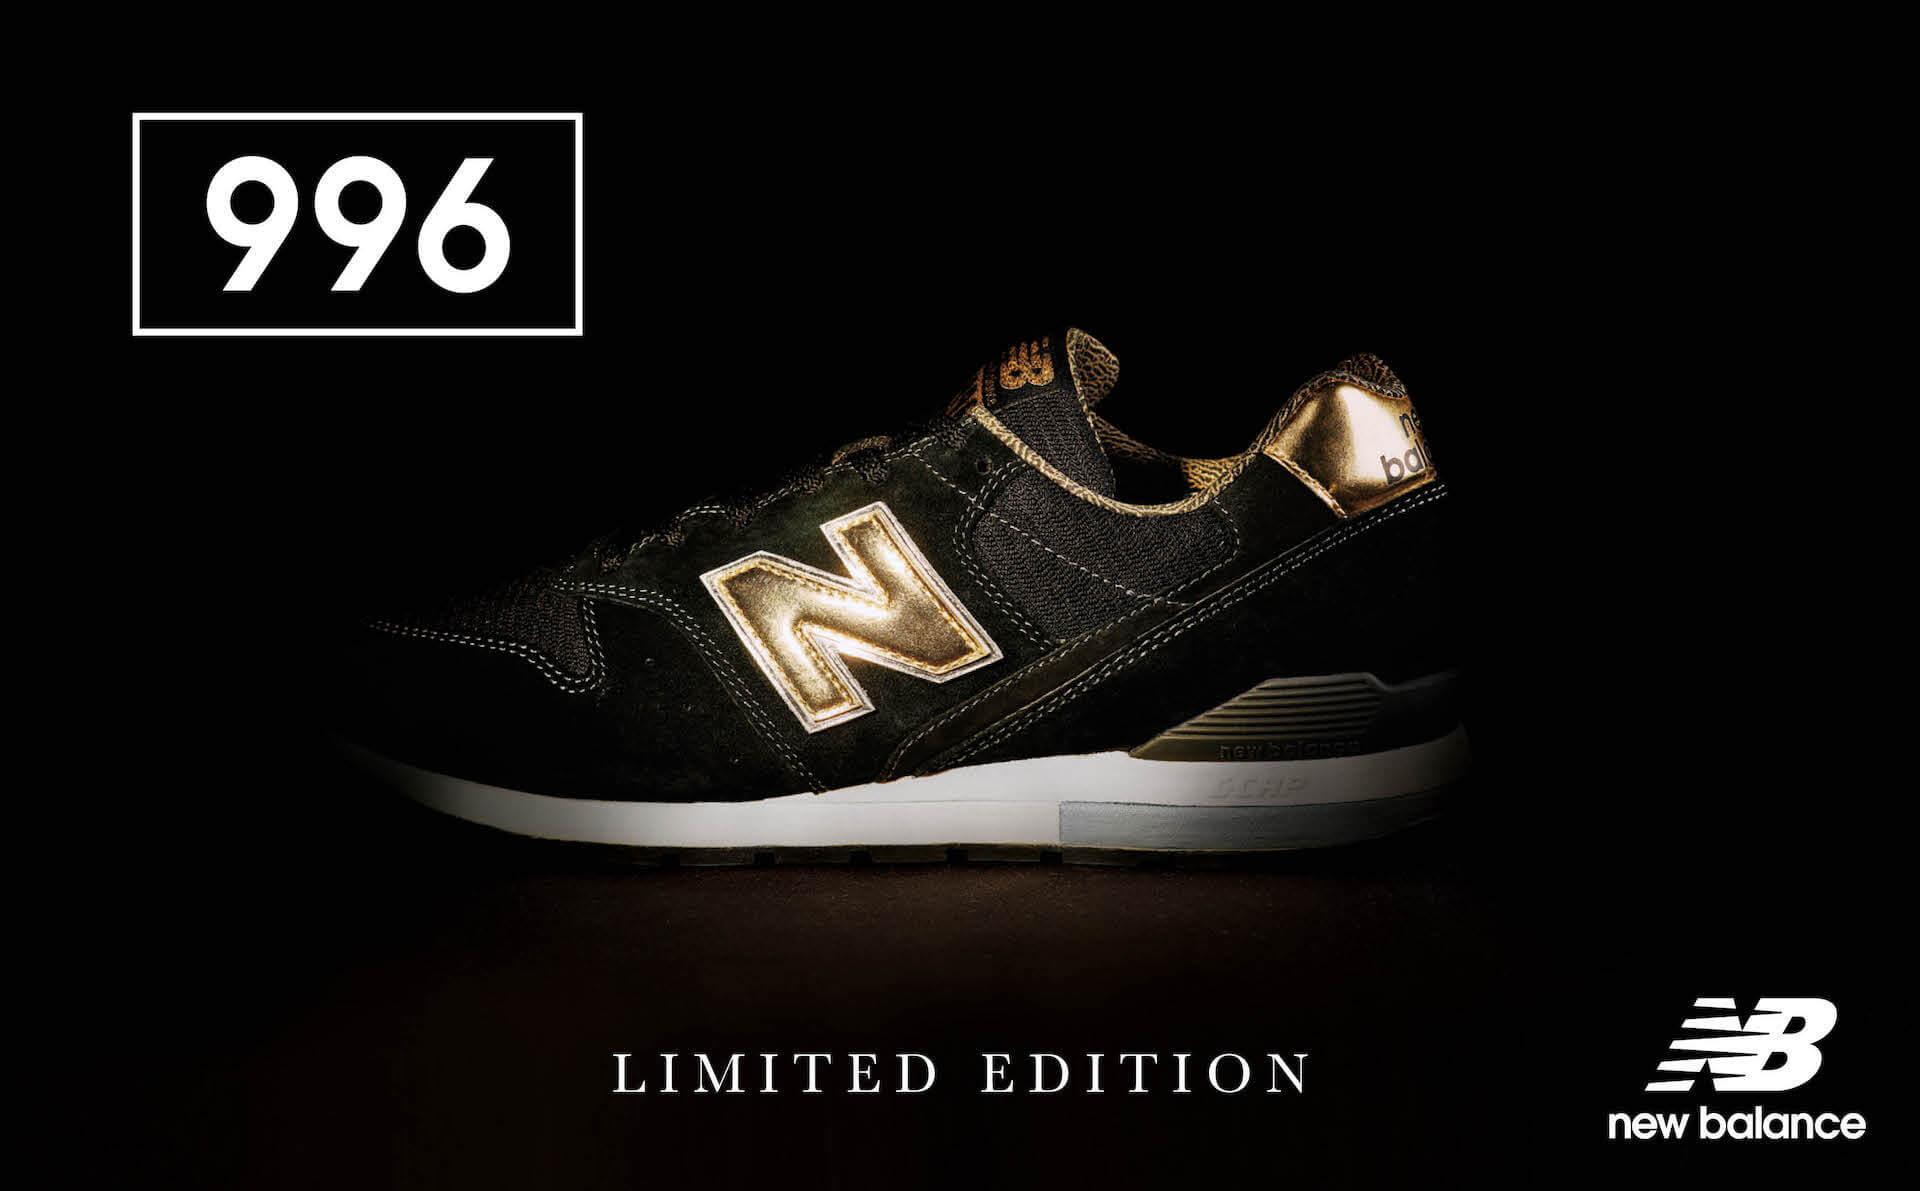 ニューバランスのスタンダード「996」から直営店限定カラーが登場|オリジナルに近付けたデザインで機能性もアップ! 190904lifefashion_cm996limited_01